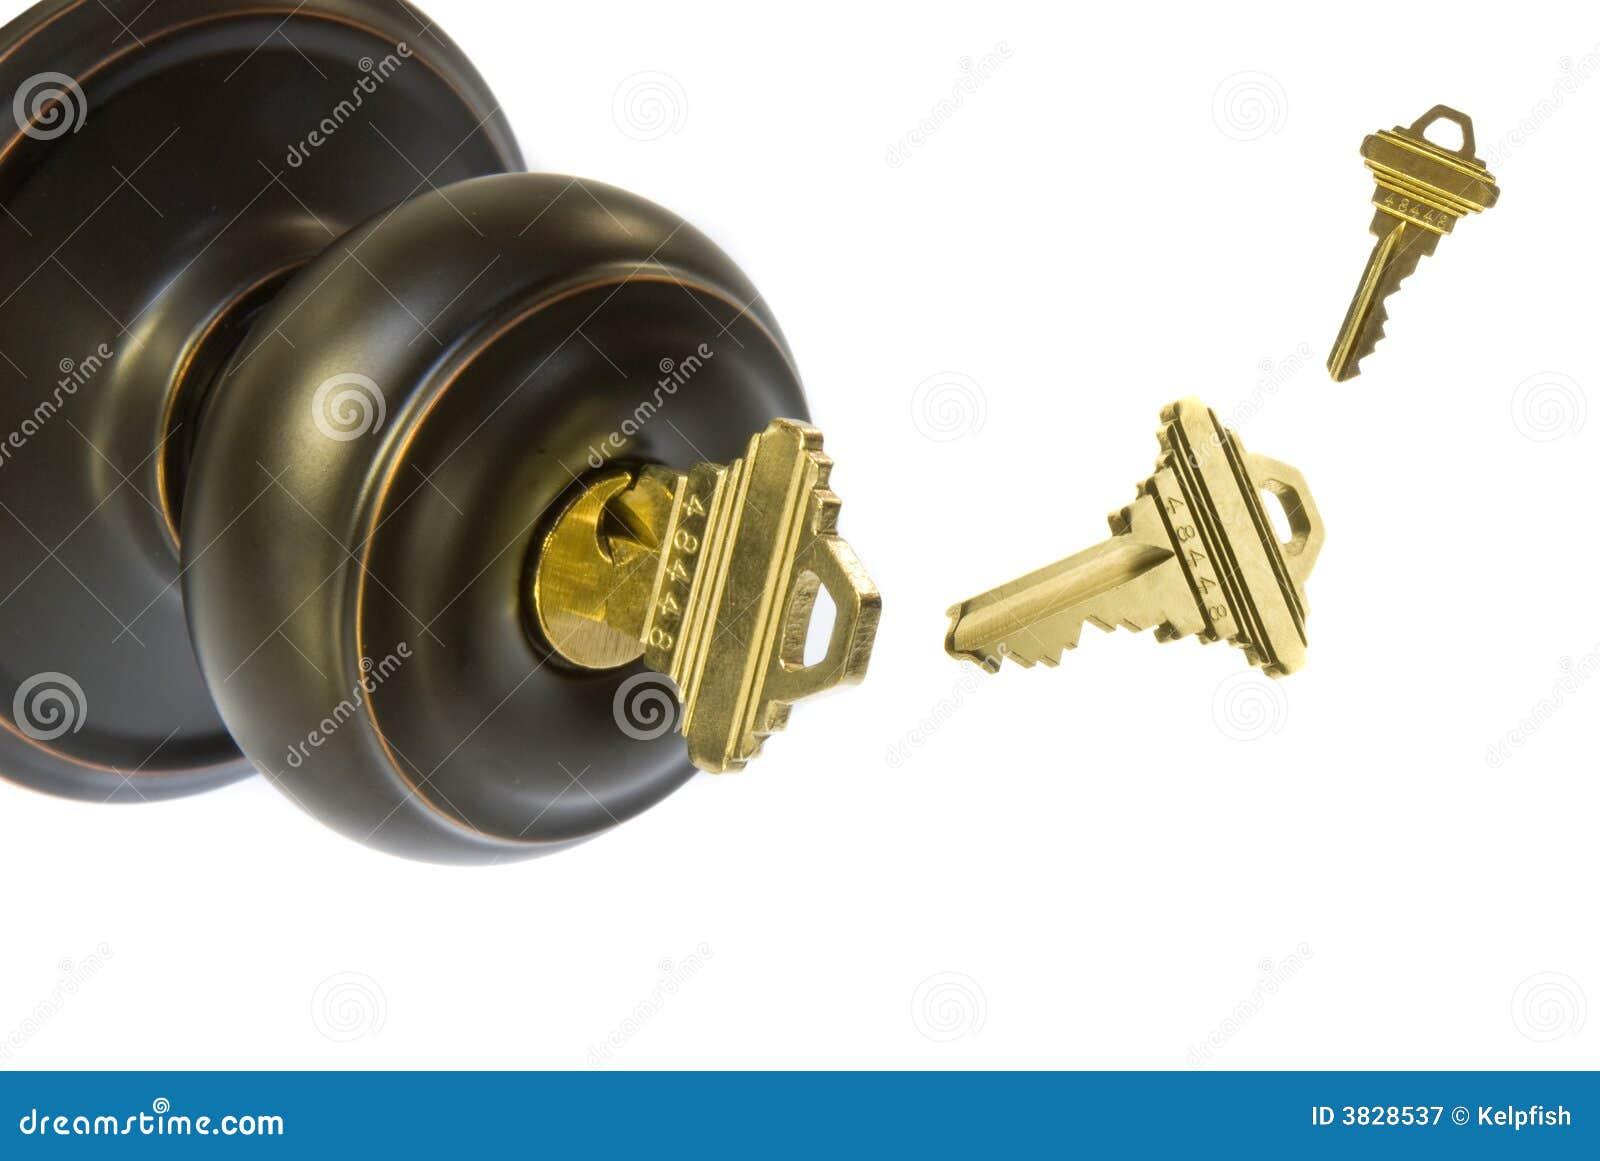 Door Knob and keys stock image. Image of door, keys, entry - 3828537